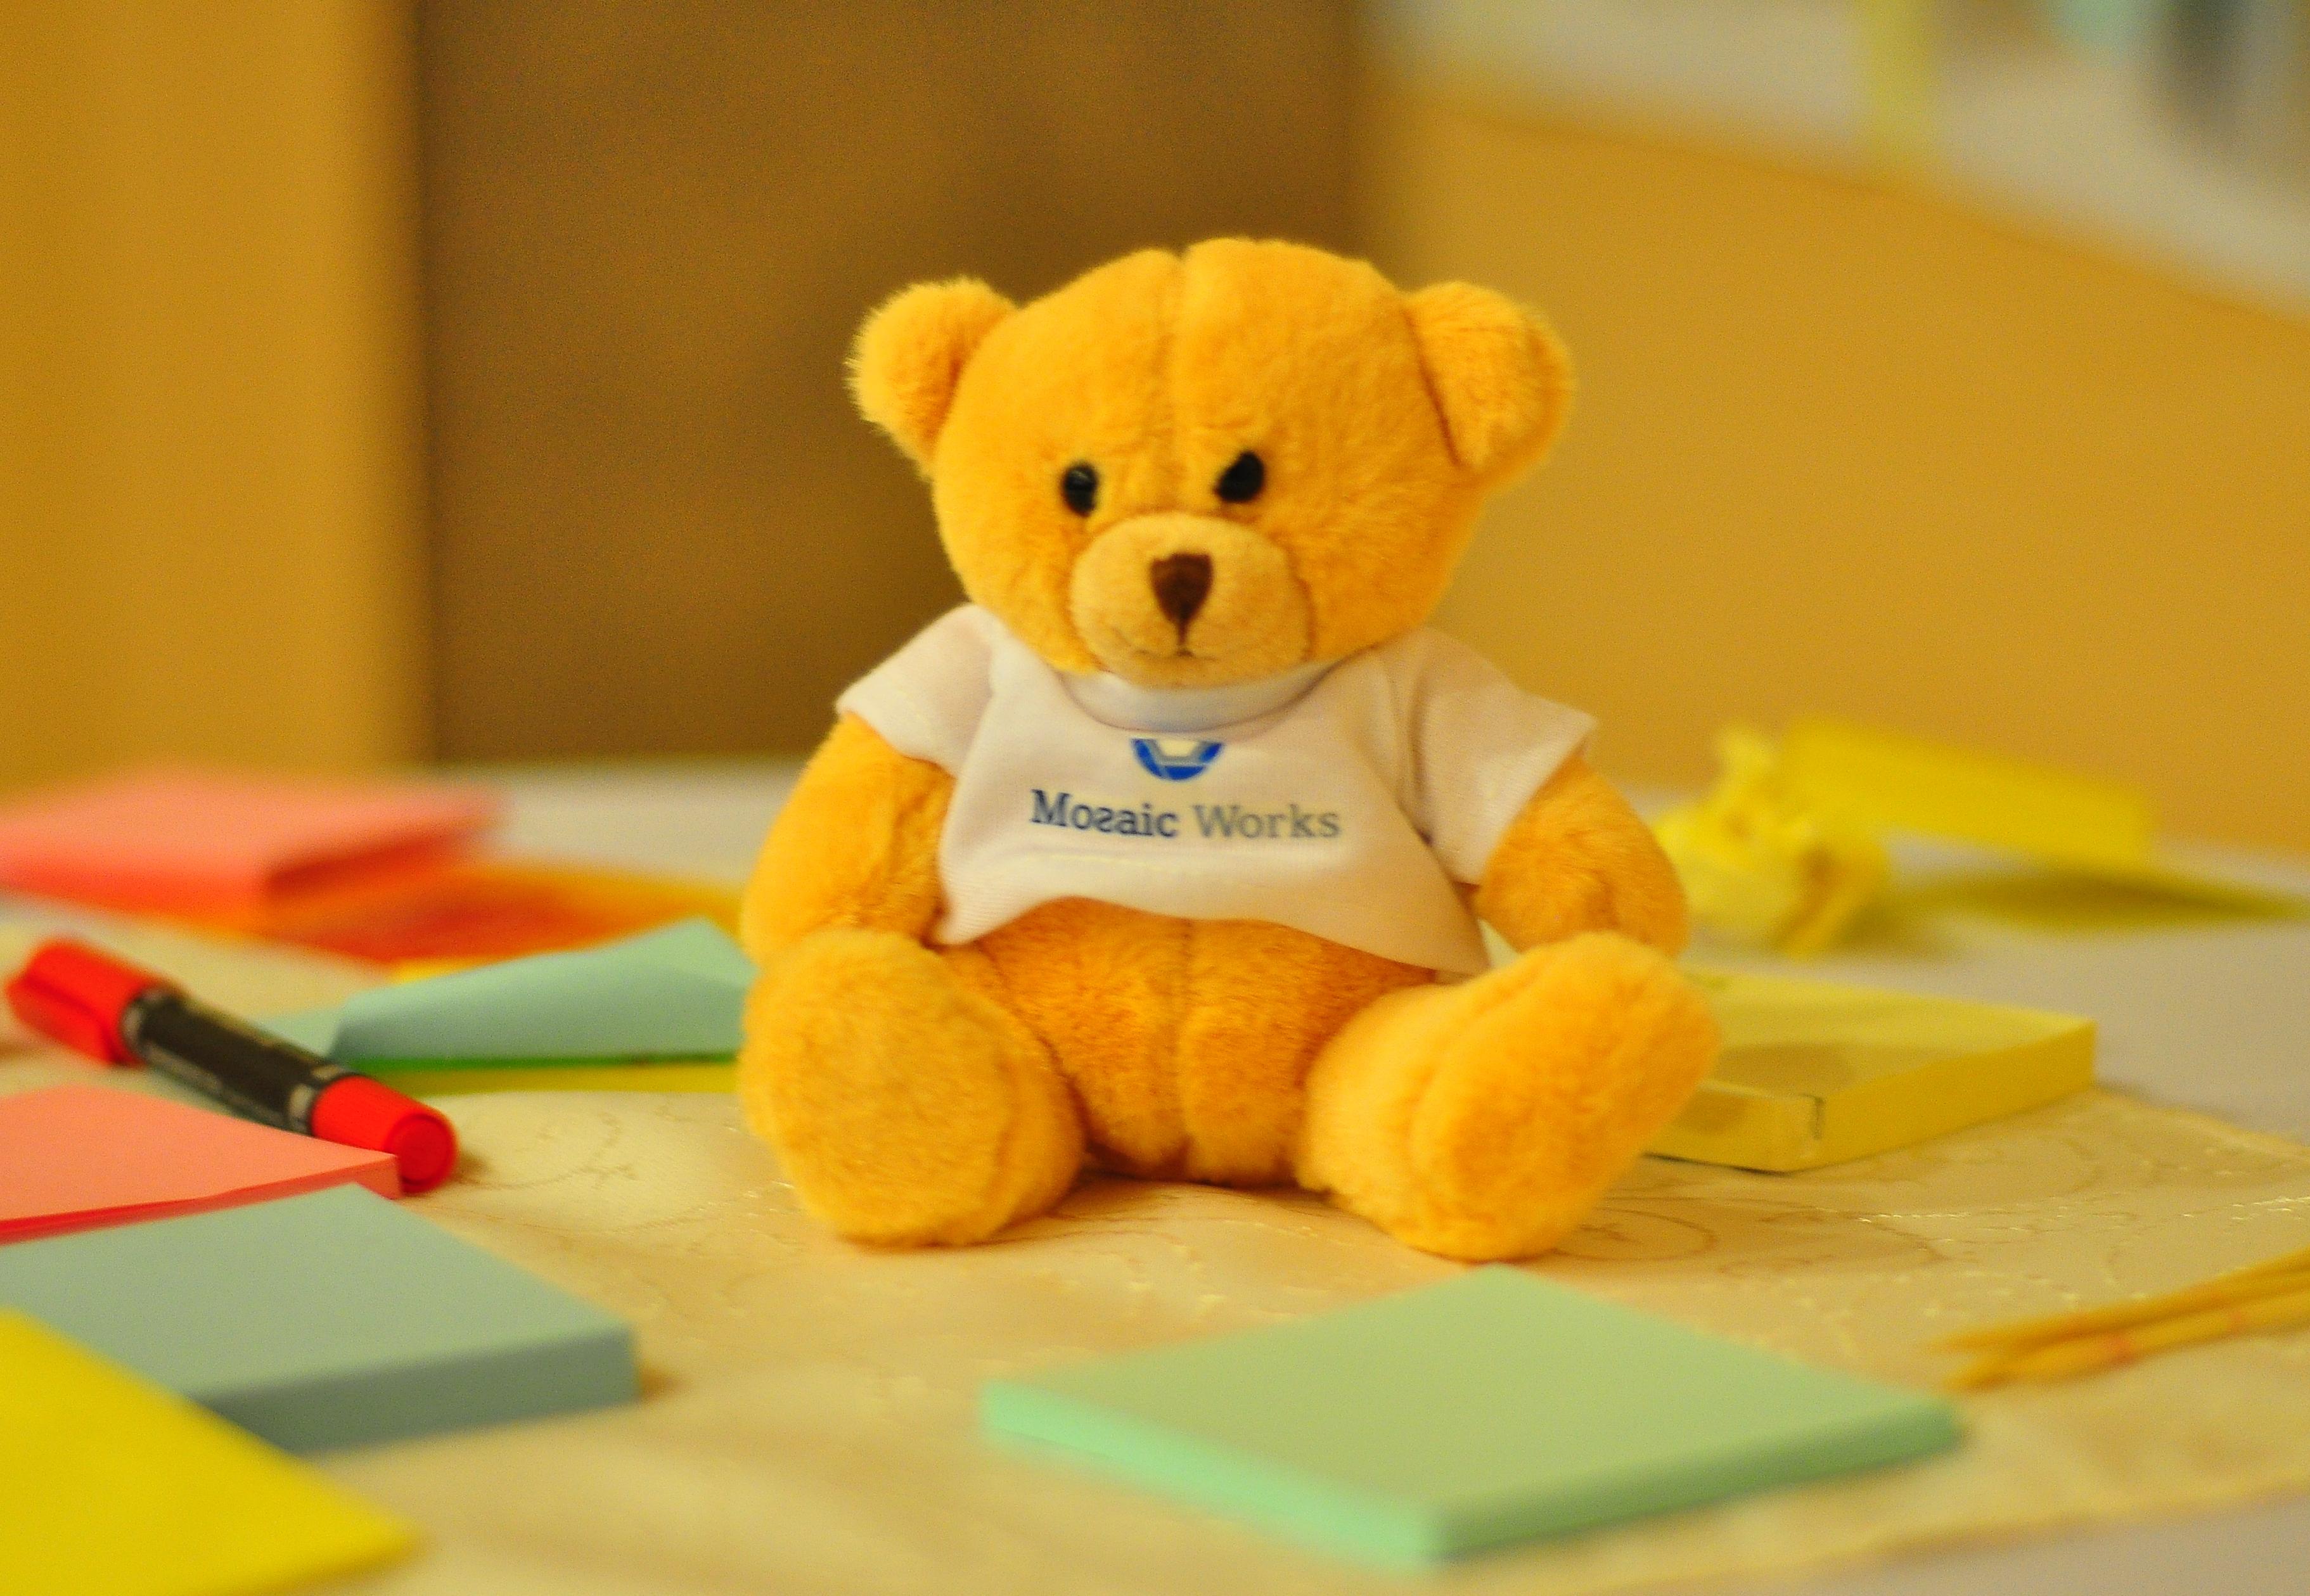 teddy bear pair programming by adrian bolboaca